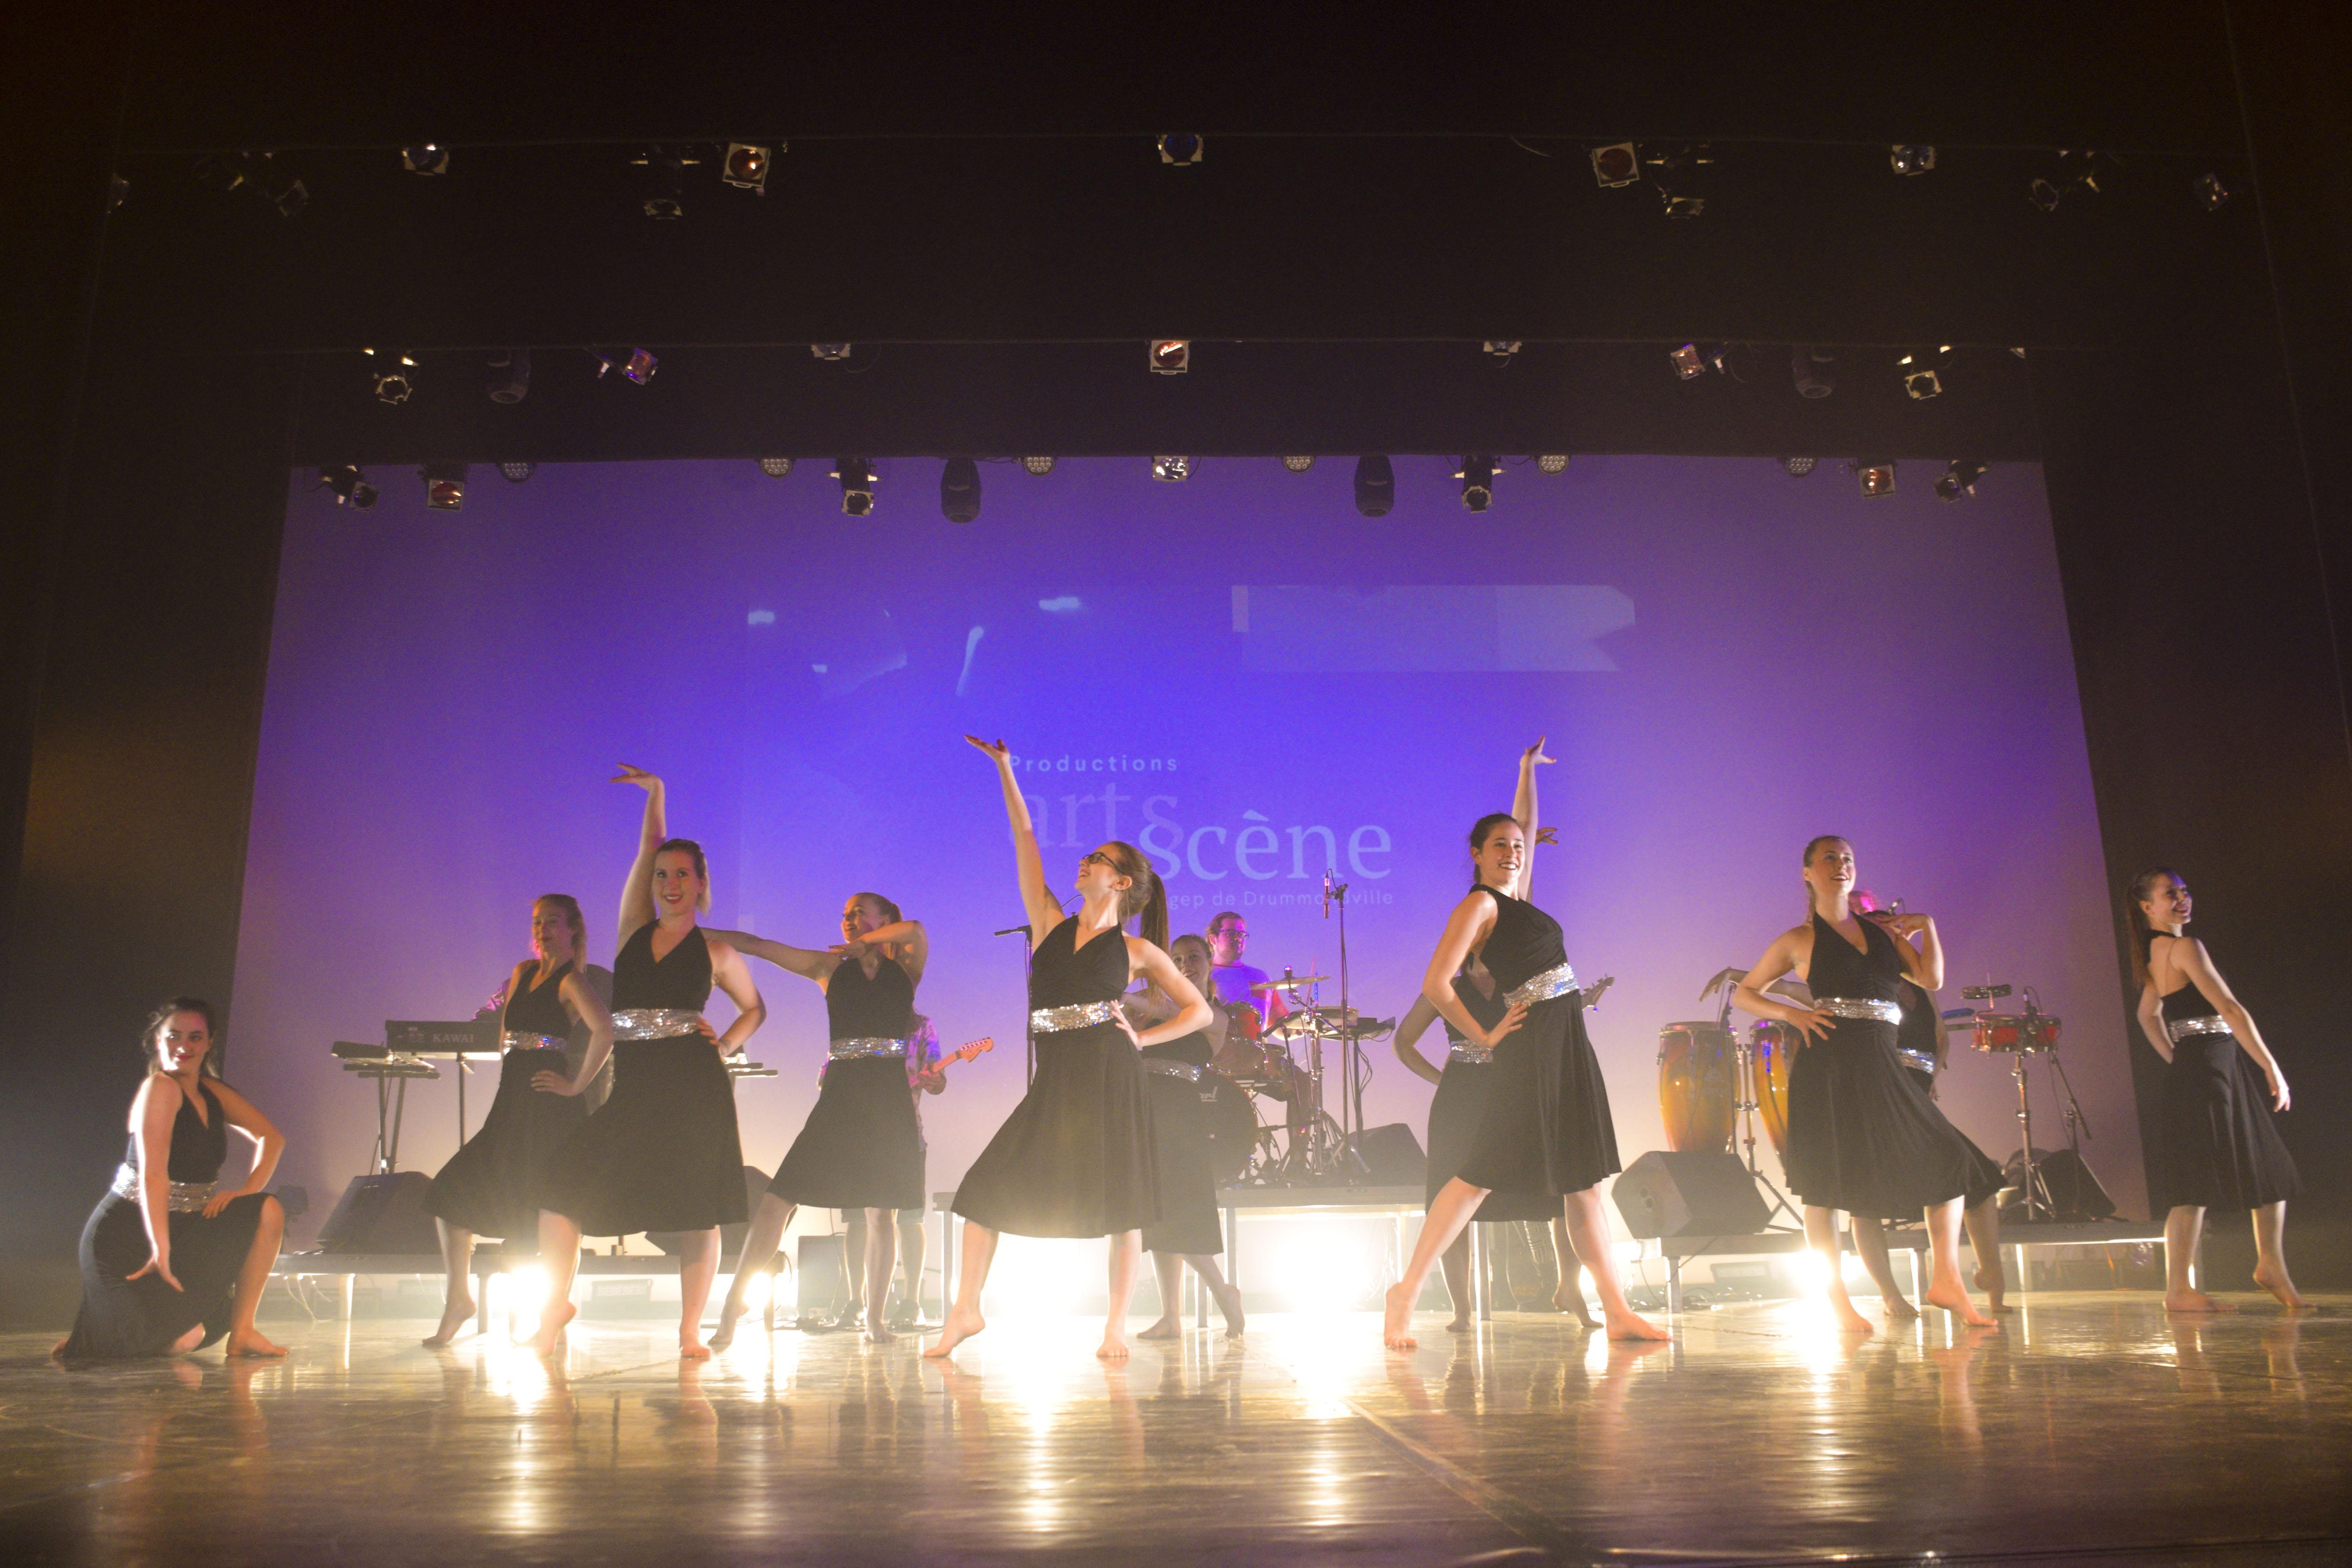 Danse: des étudiants reçoivent de précieux conseils de professeurs de ballet de haut niveau